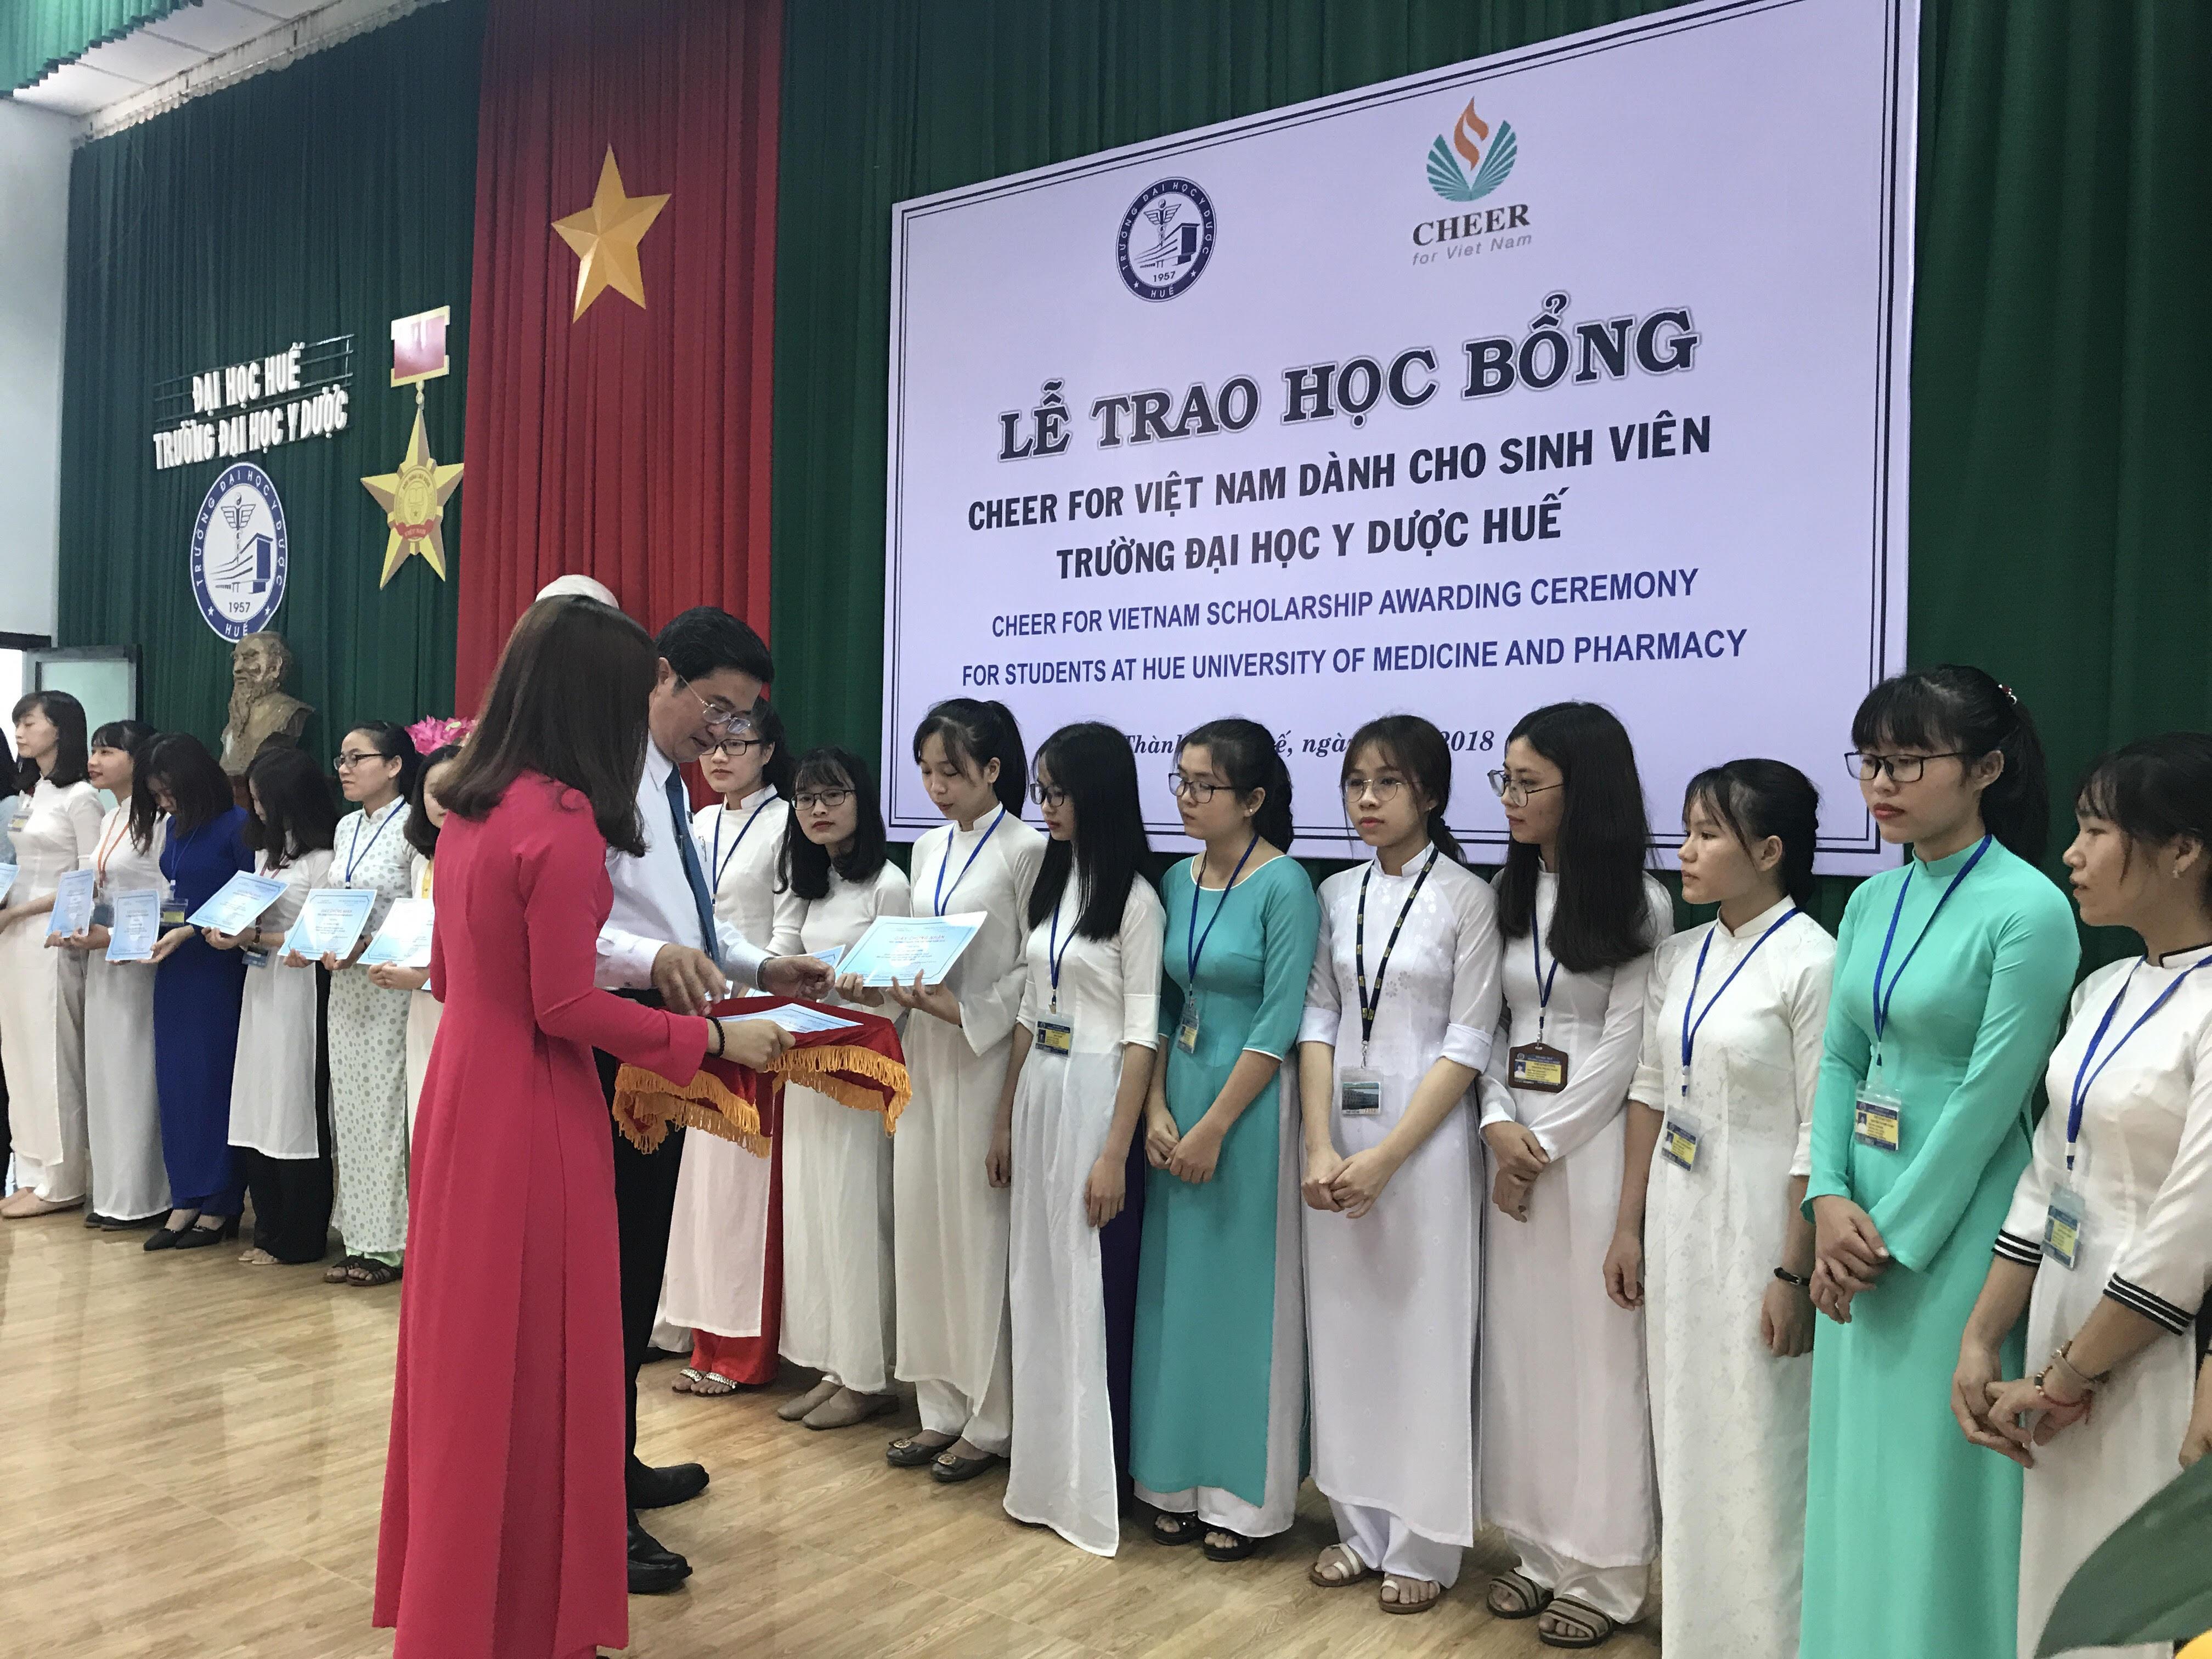 Lễ trao học bổng Cheer for Việt Nam cho sinh viên Y và Điều dưỡng